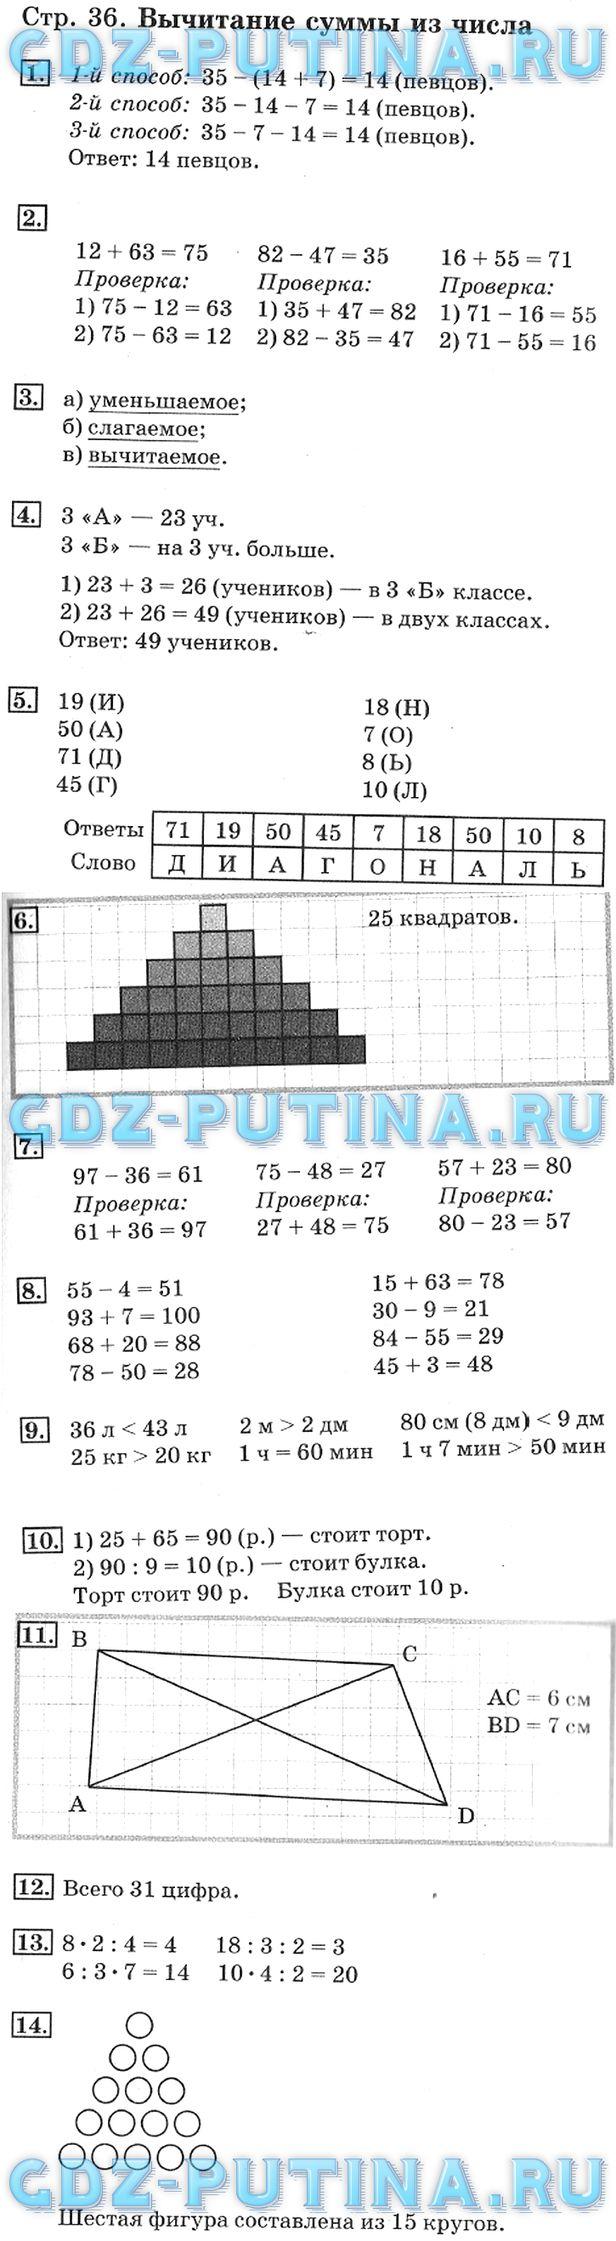 Гдз математика 2 класс рабочая тетрадь 1 часть ответы дорофеев решебник